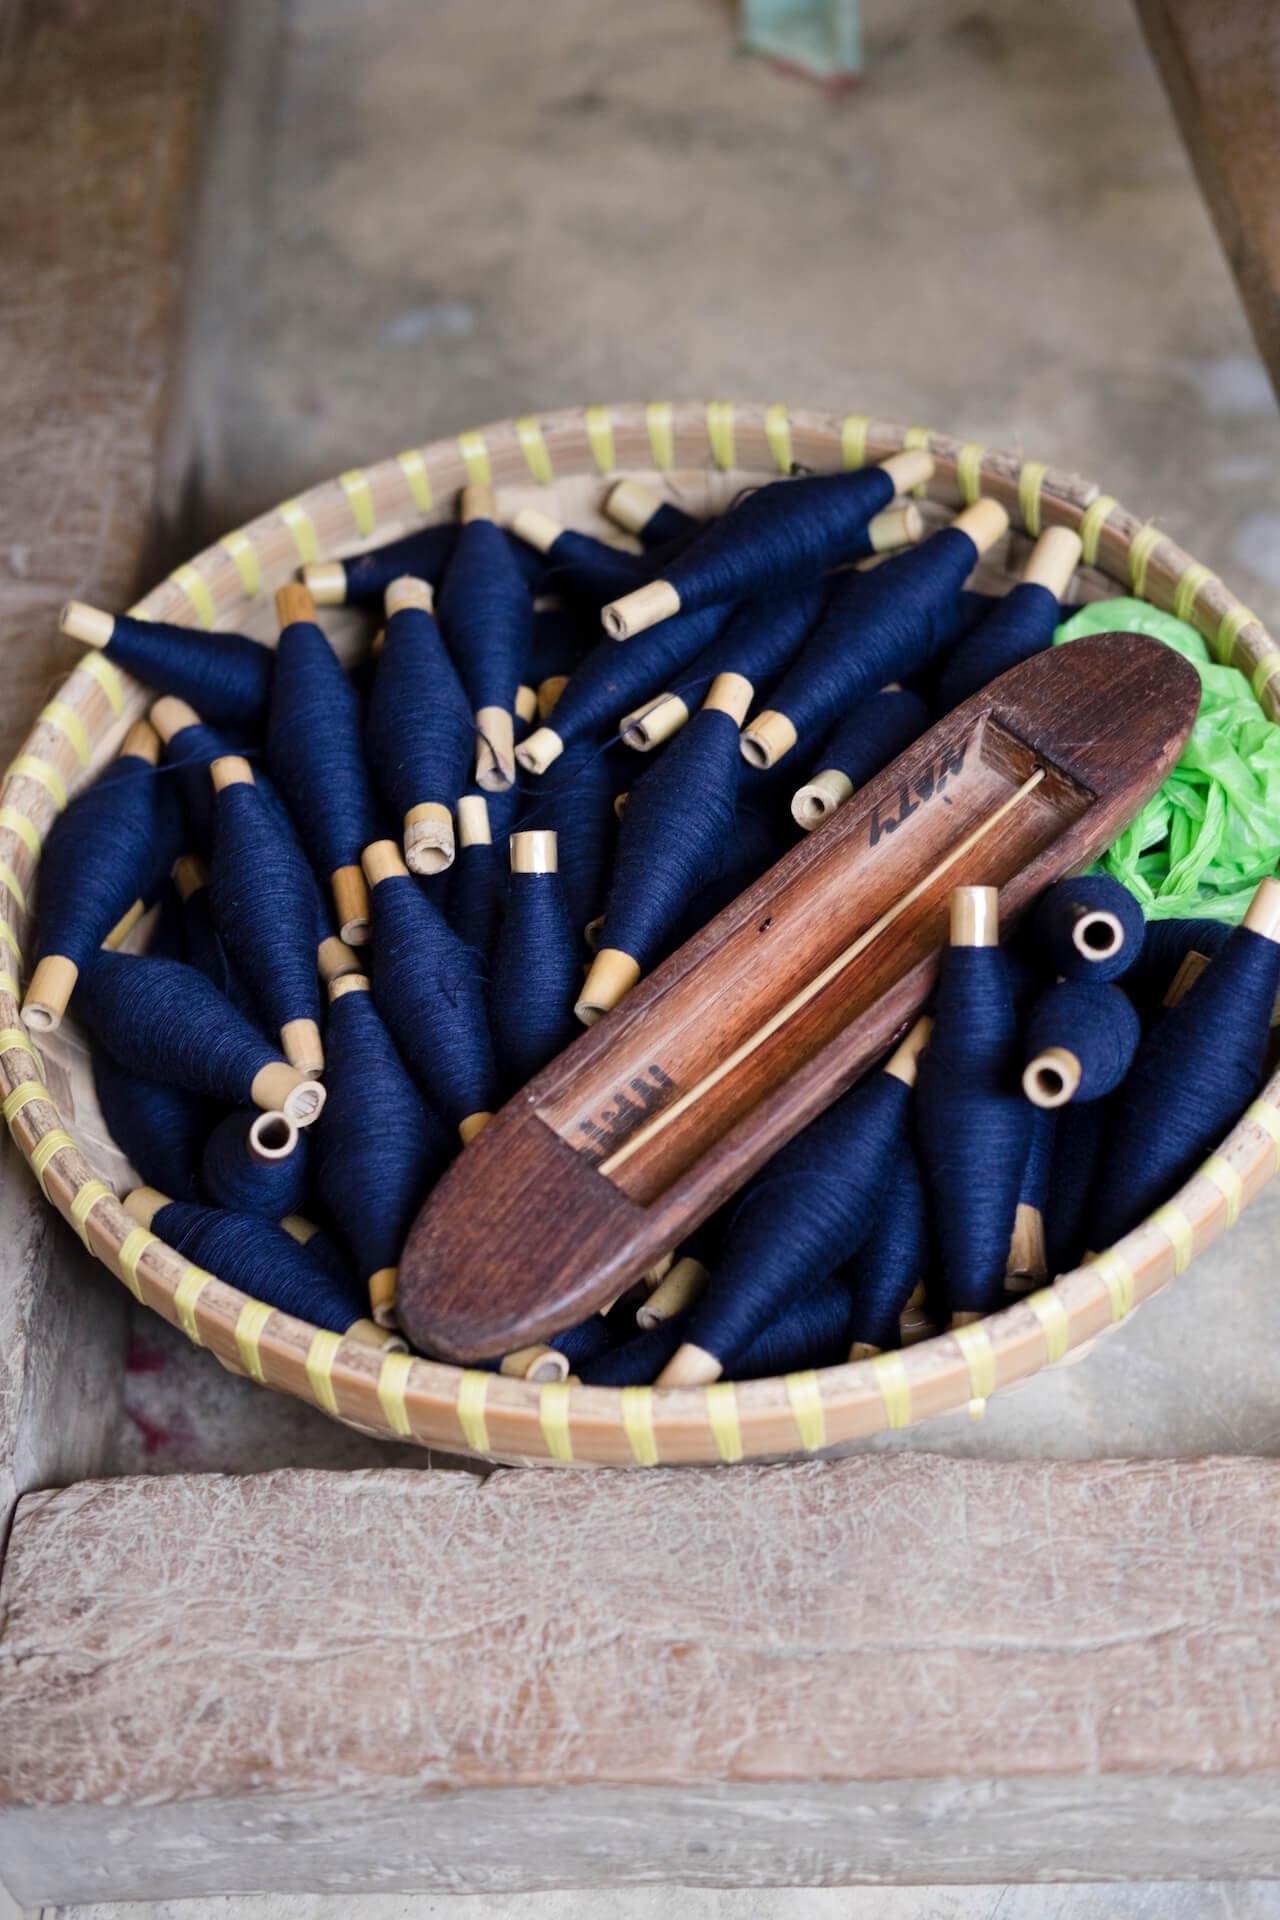 Spindles of dark blue threads